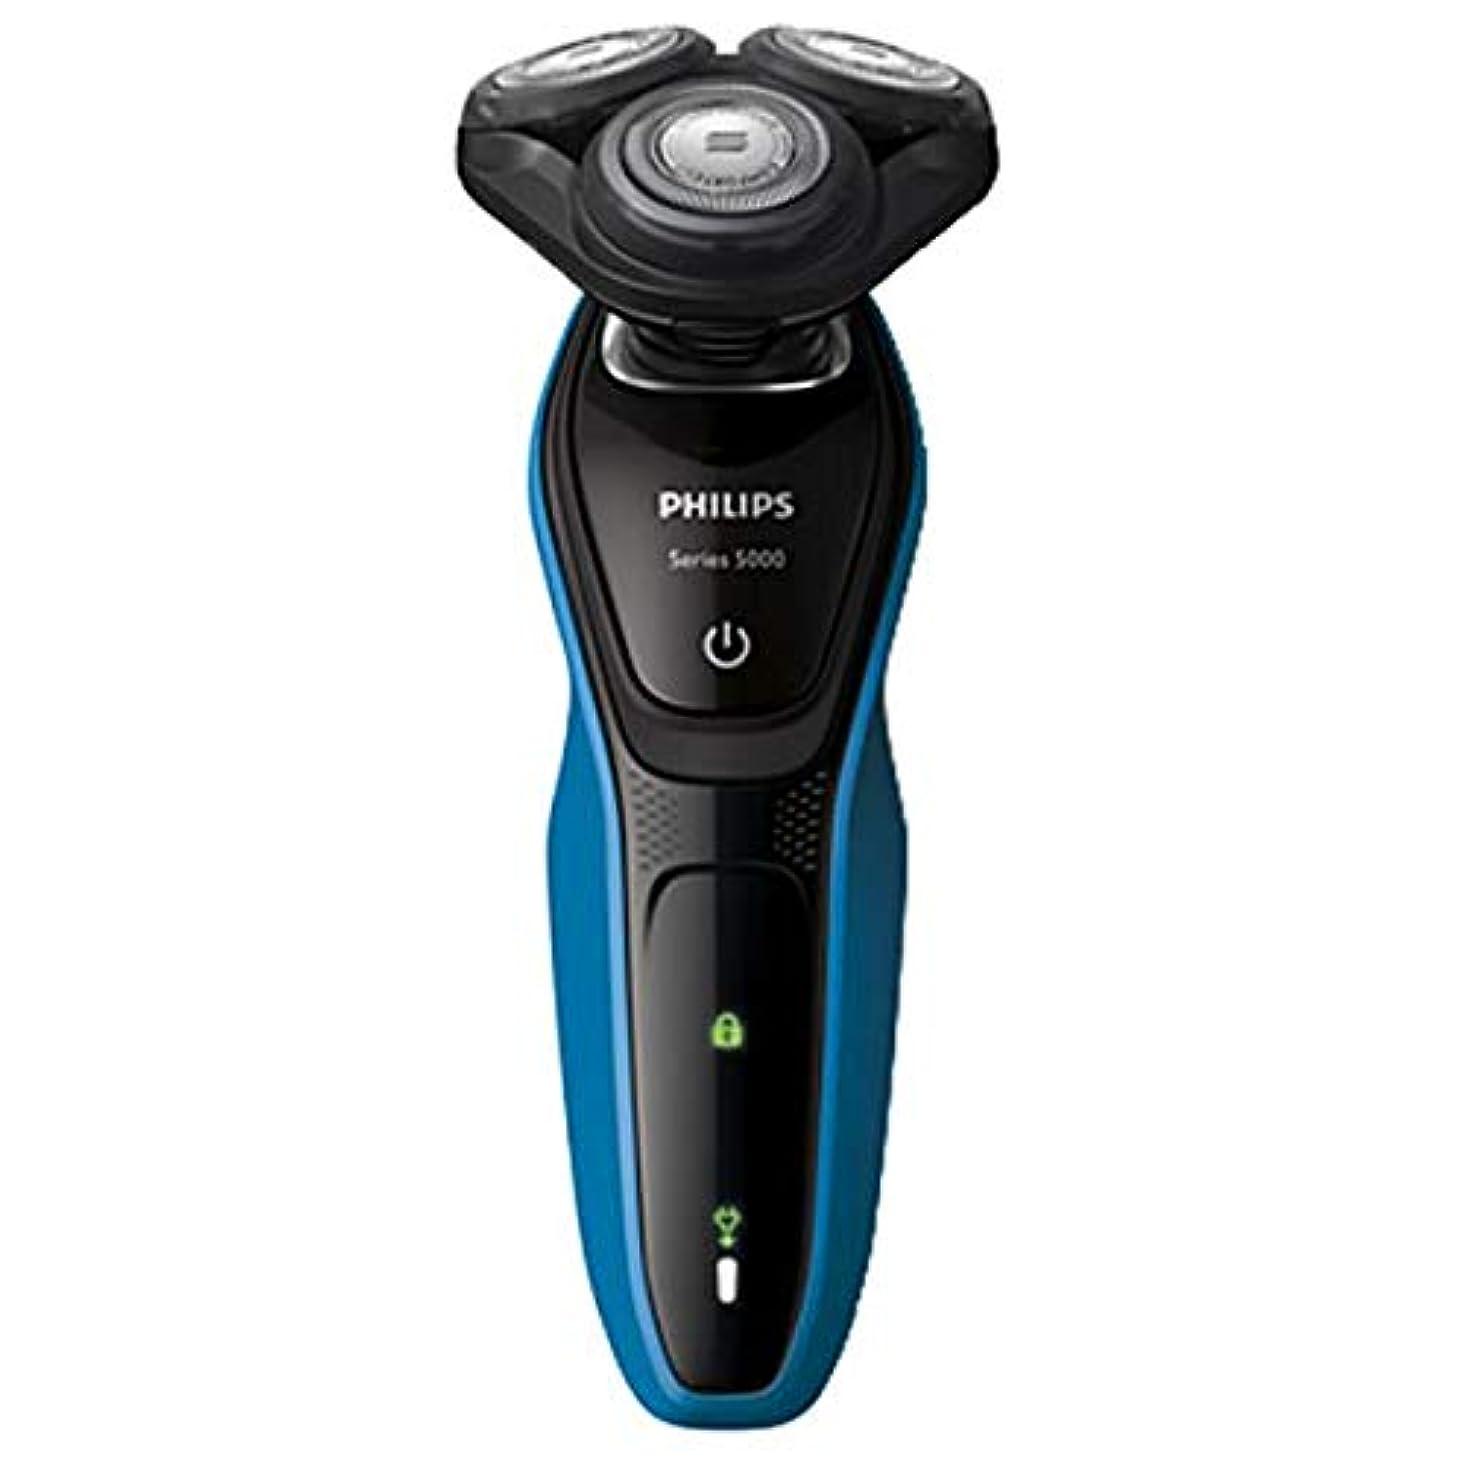 襟擬人化前文フィリップス 電気シェーバー(アクアテックブルー/ブラック)PHILIPS series 5000 S5060/05